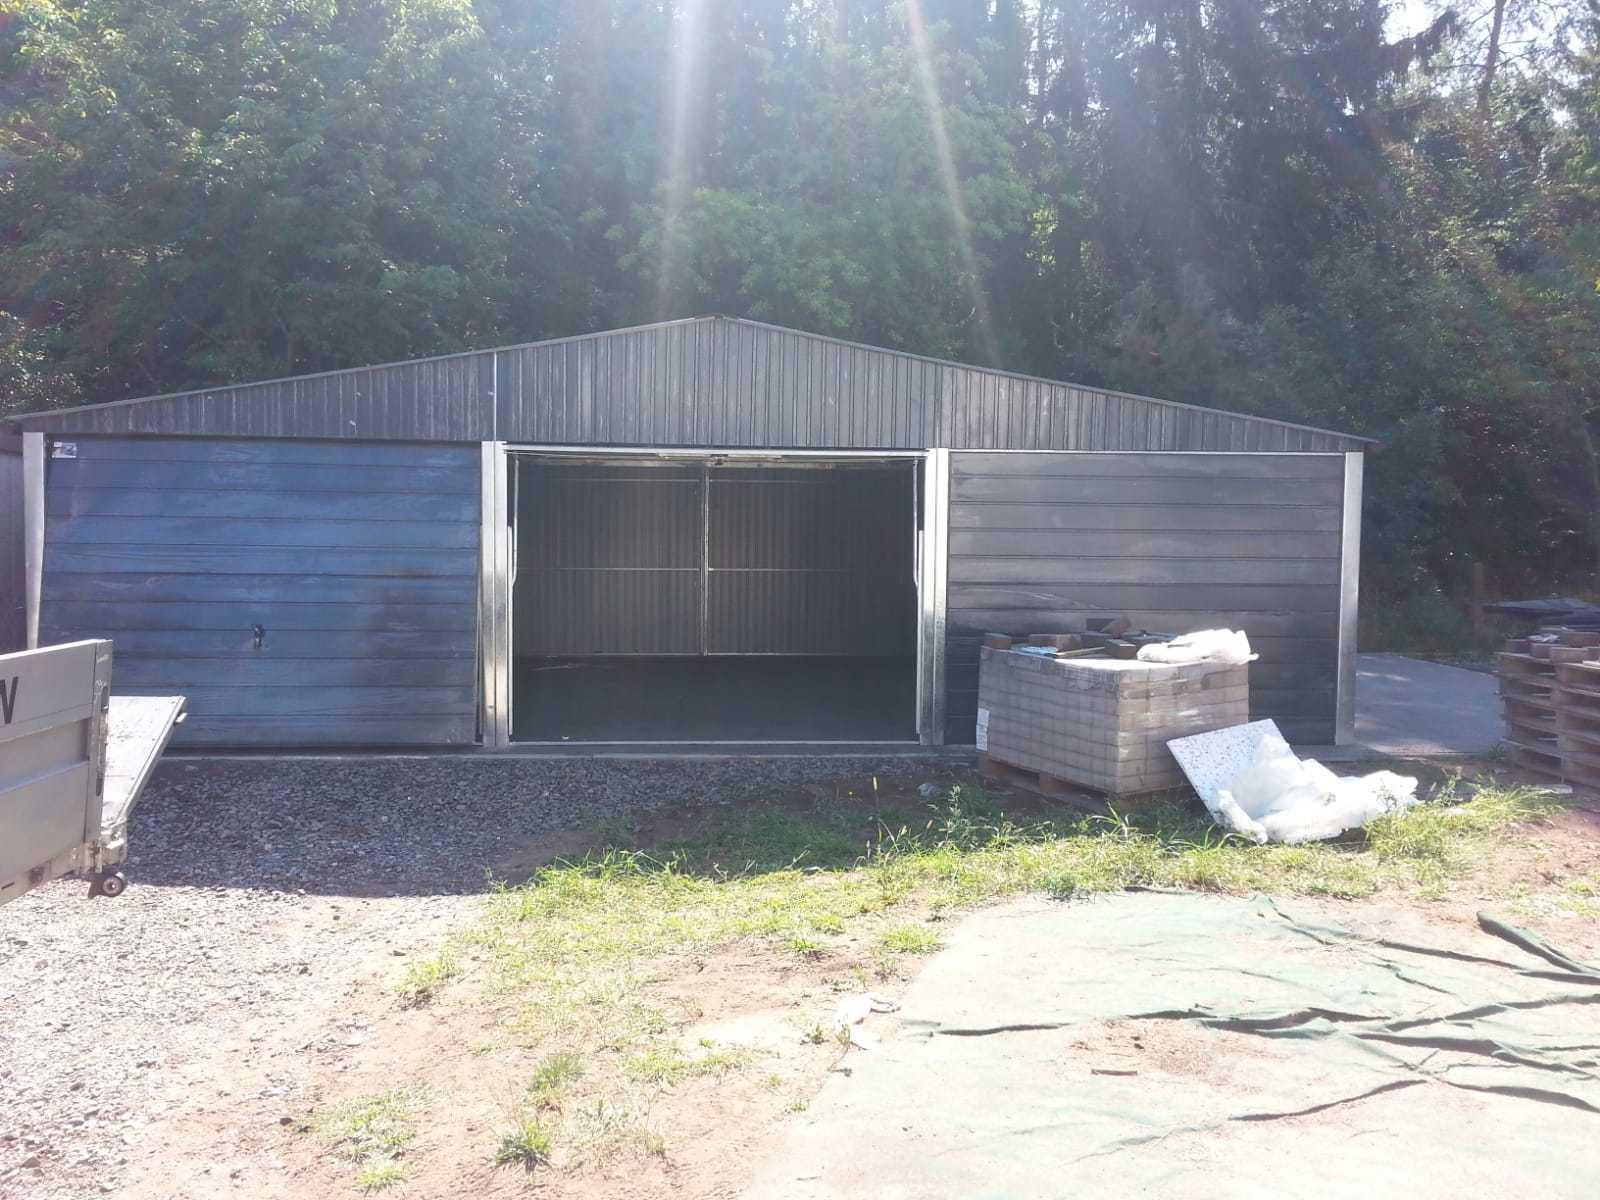 Blechgarage Garage Schuppe Stahlhalle 9 x 6R7016 Garagen verzinkte Konstruktion